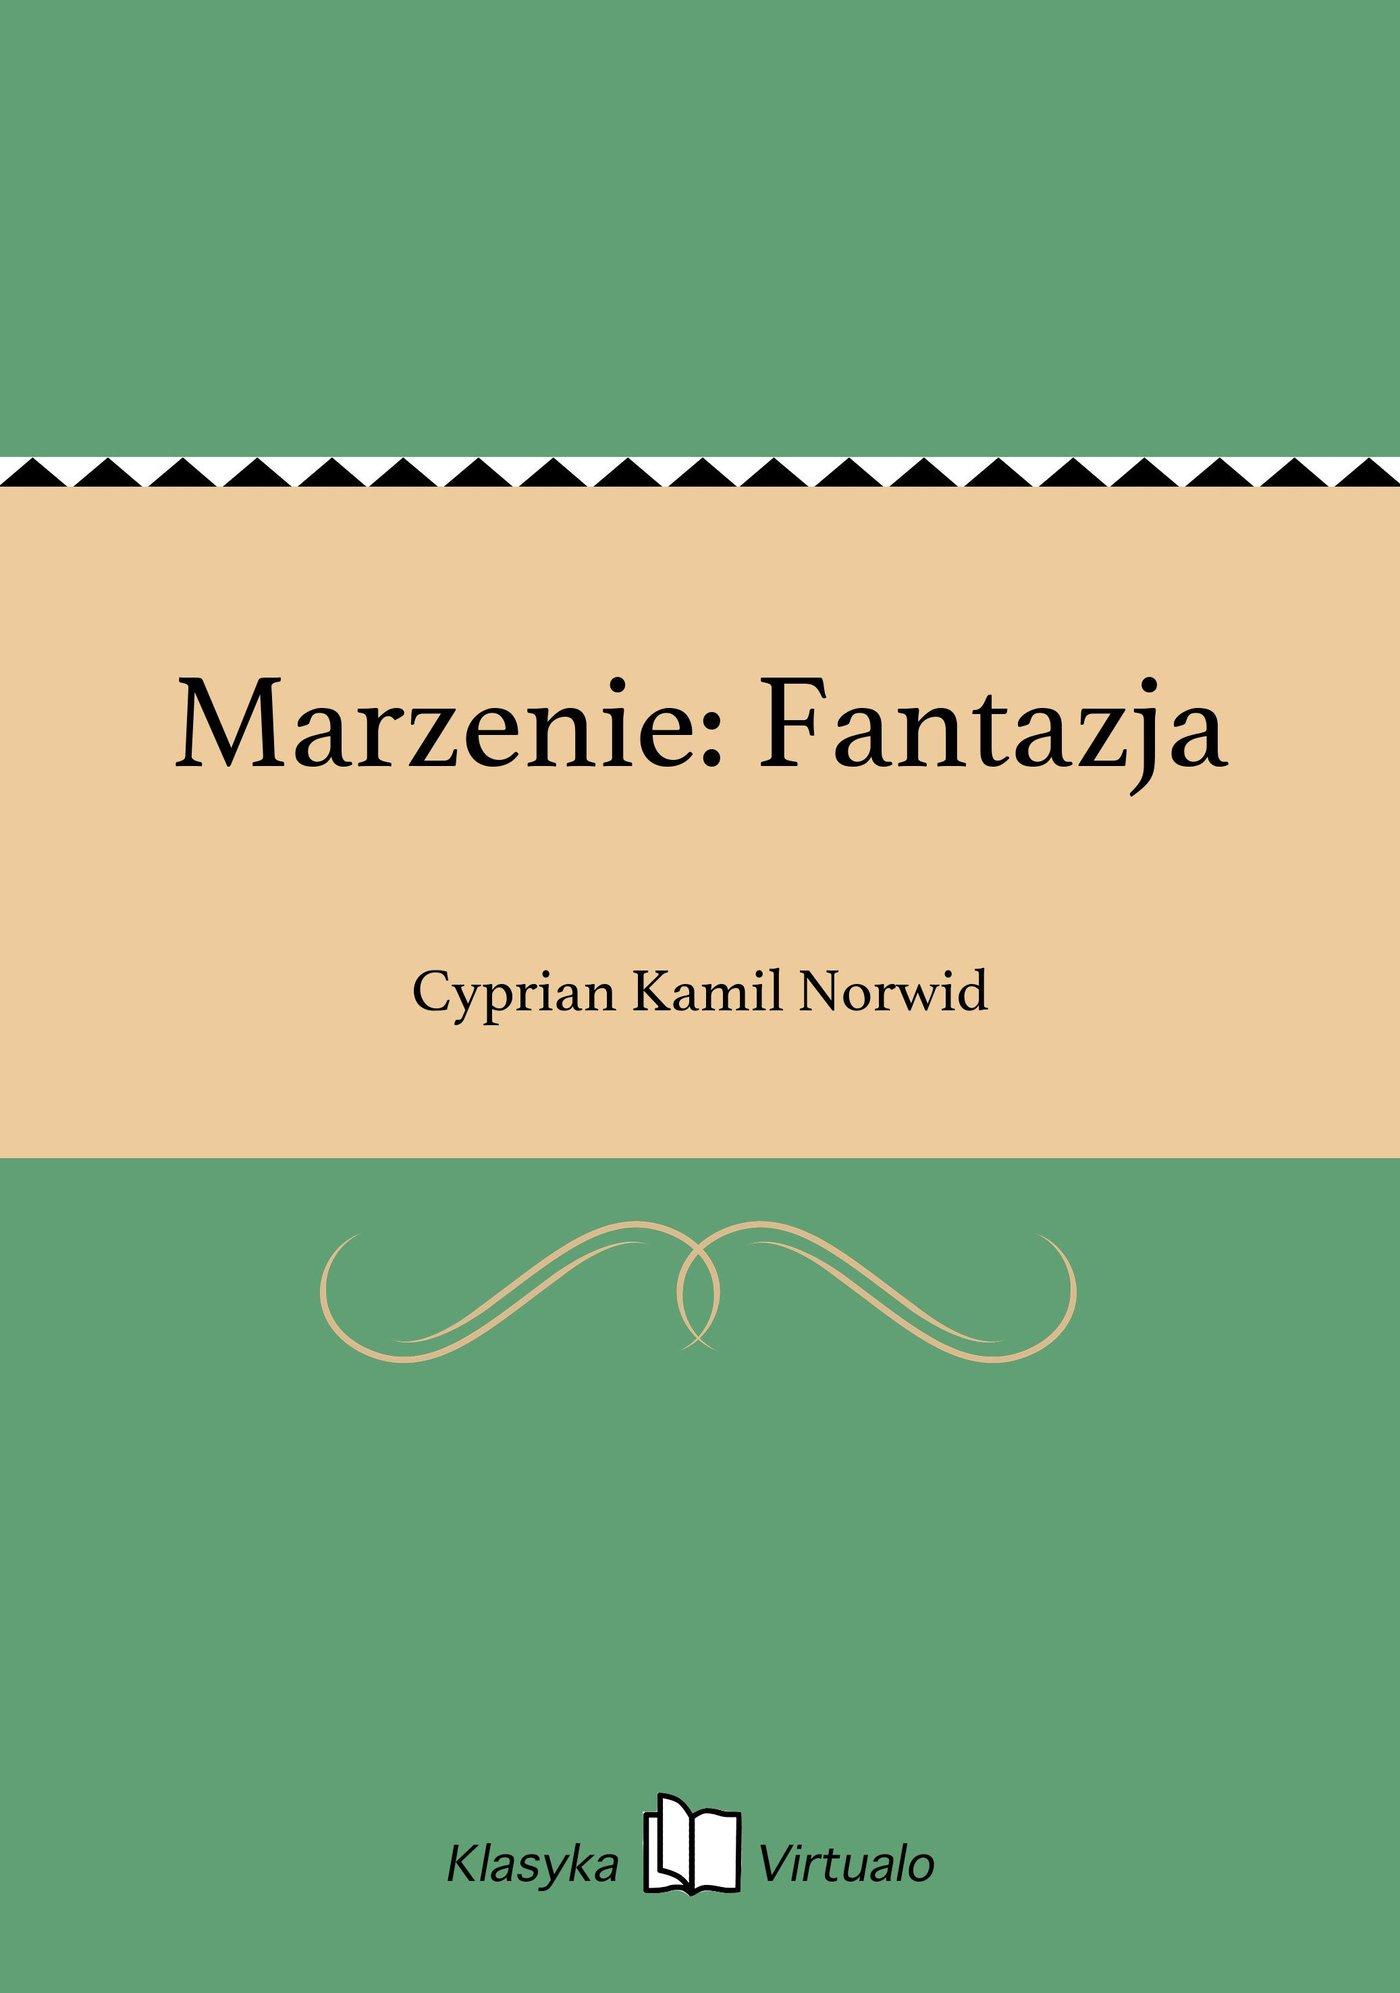 Marzenie: Fantazja - Ebook (Książka na Kindle) do pobrania w formacie MOBI